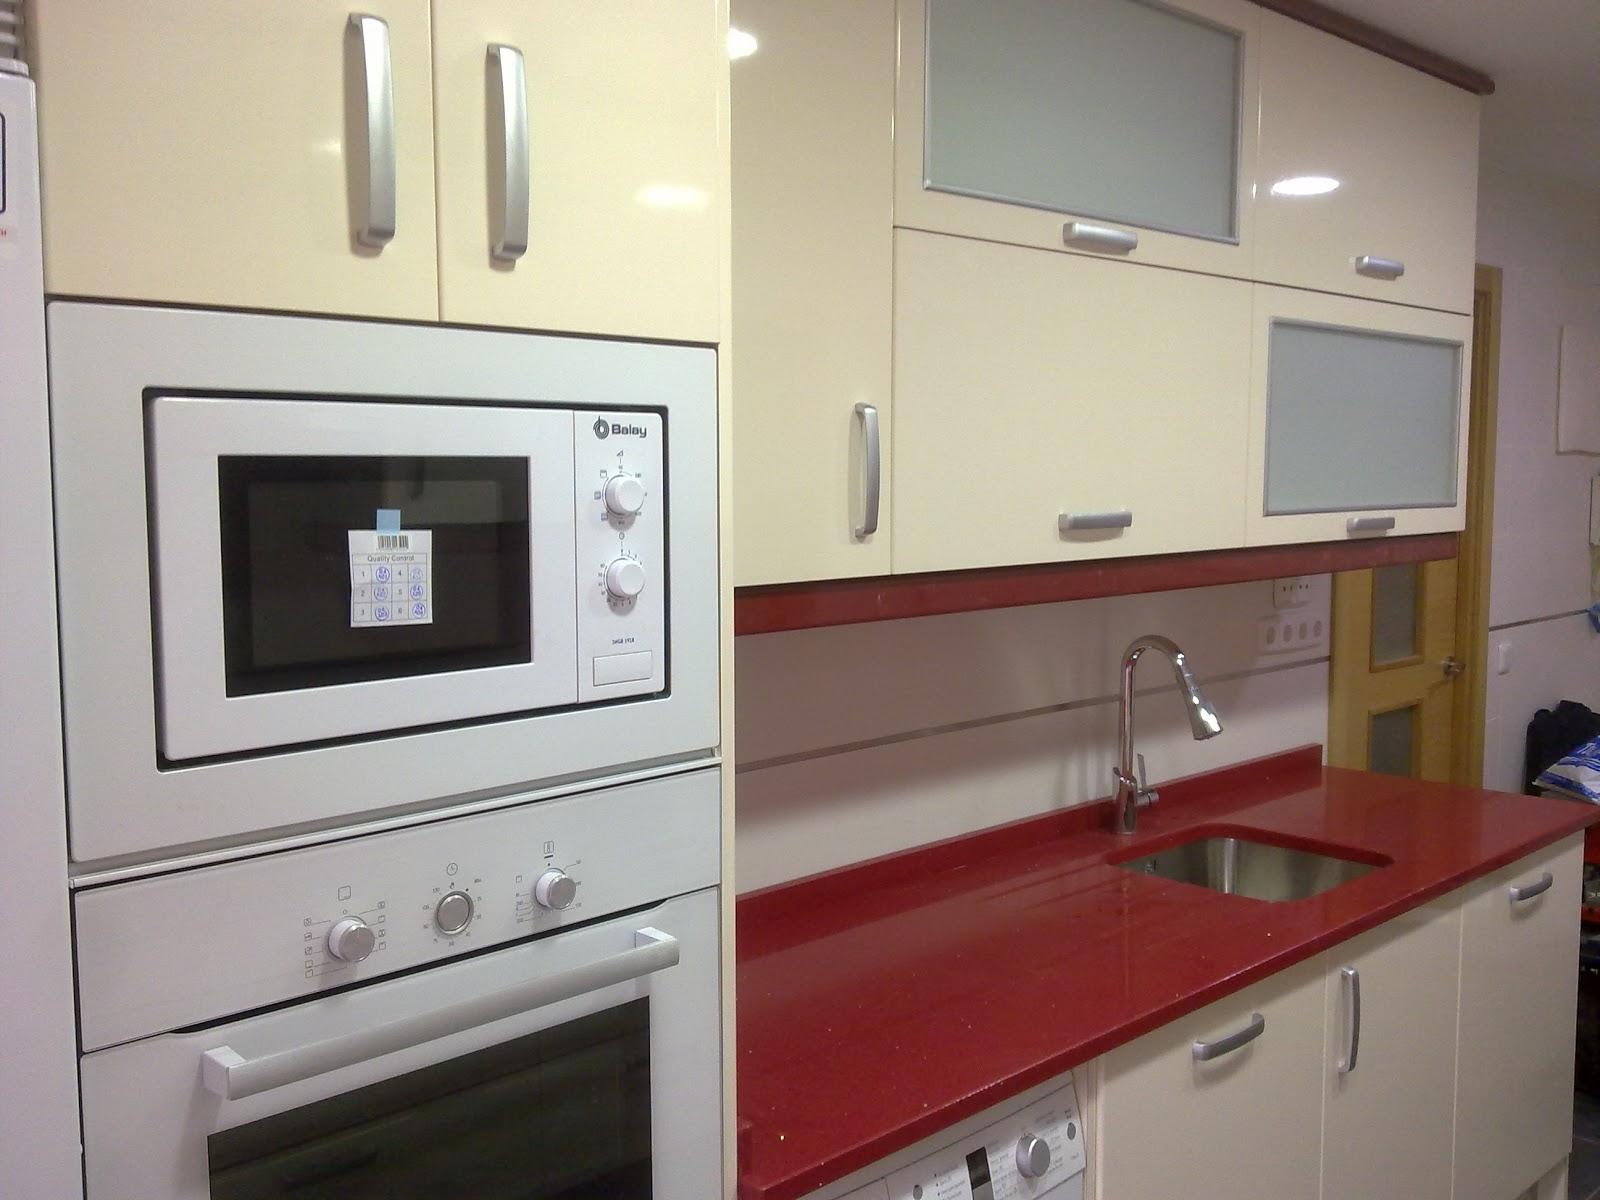 Laminado alto brillo crema remates granate cocinas ayz for Remates de muebles de cocina